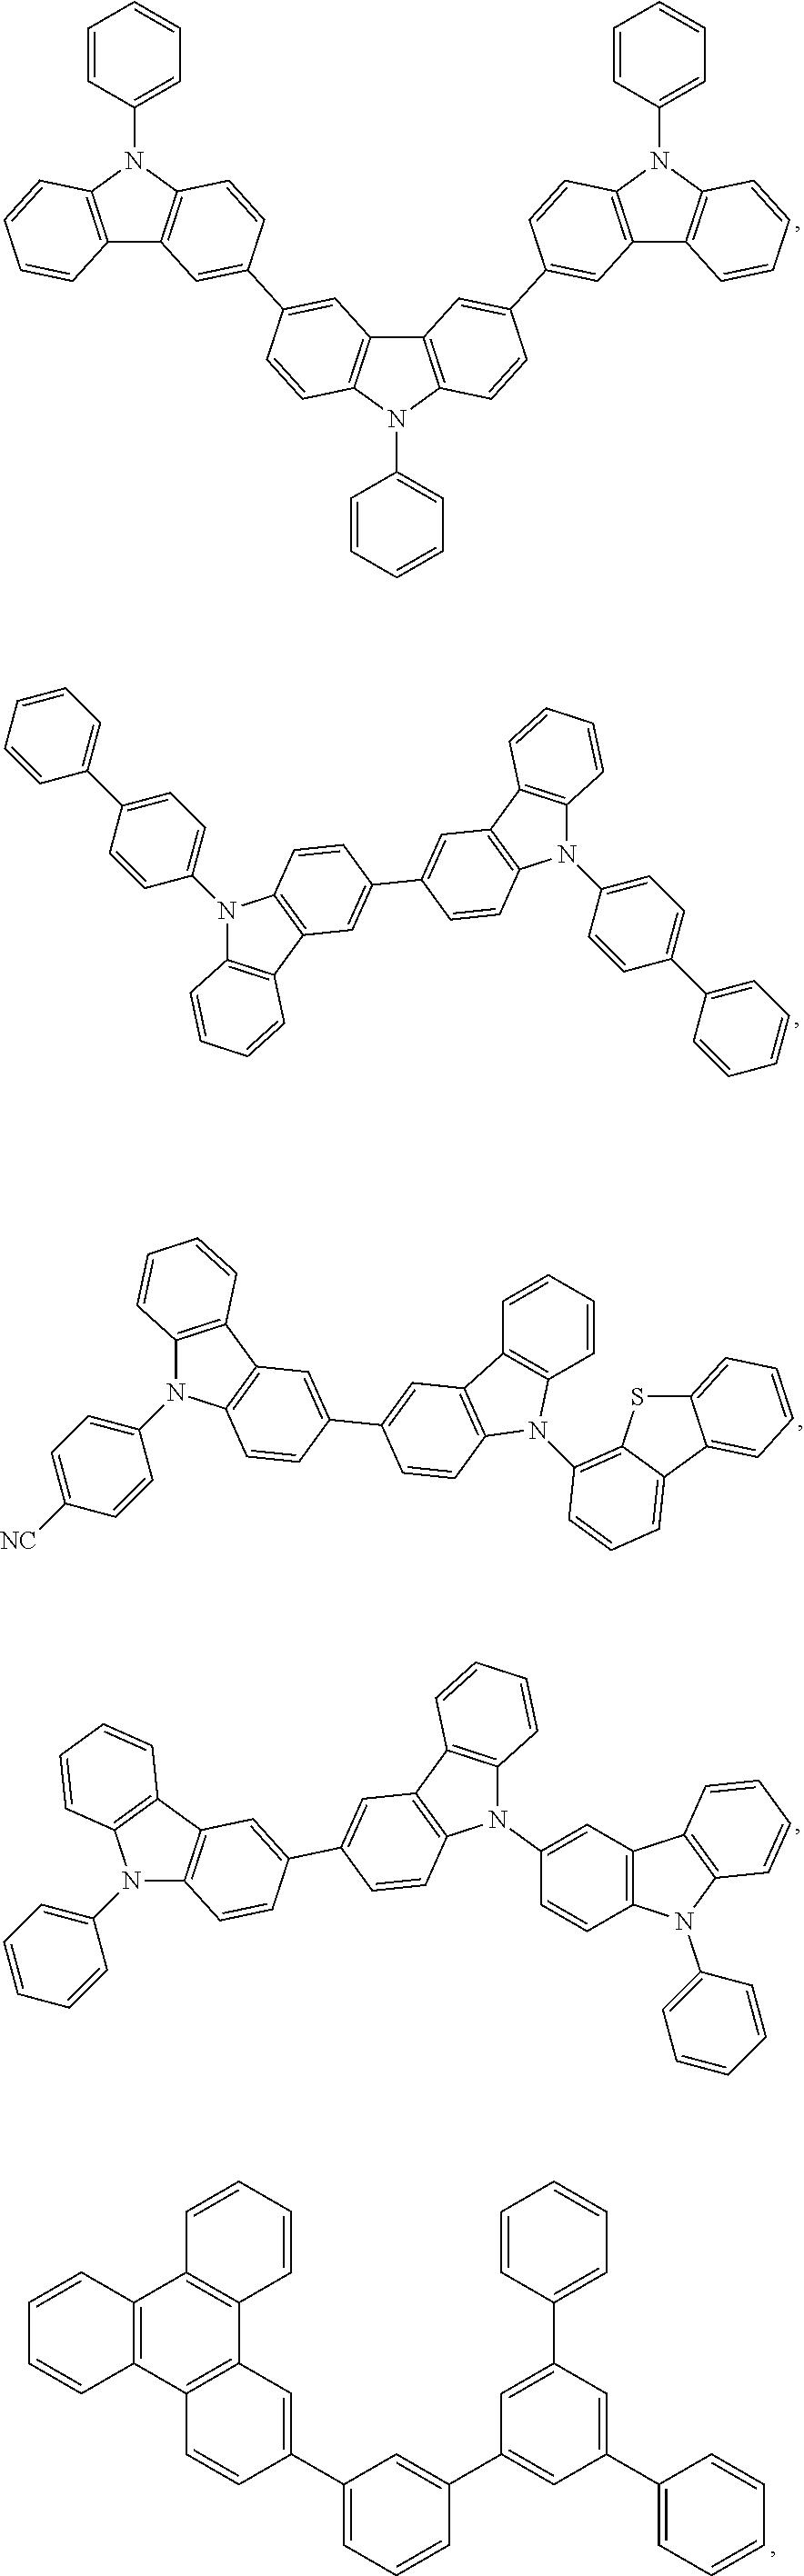 Figure US09929360-20180327-C00109